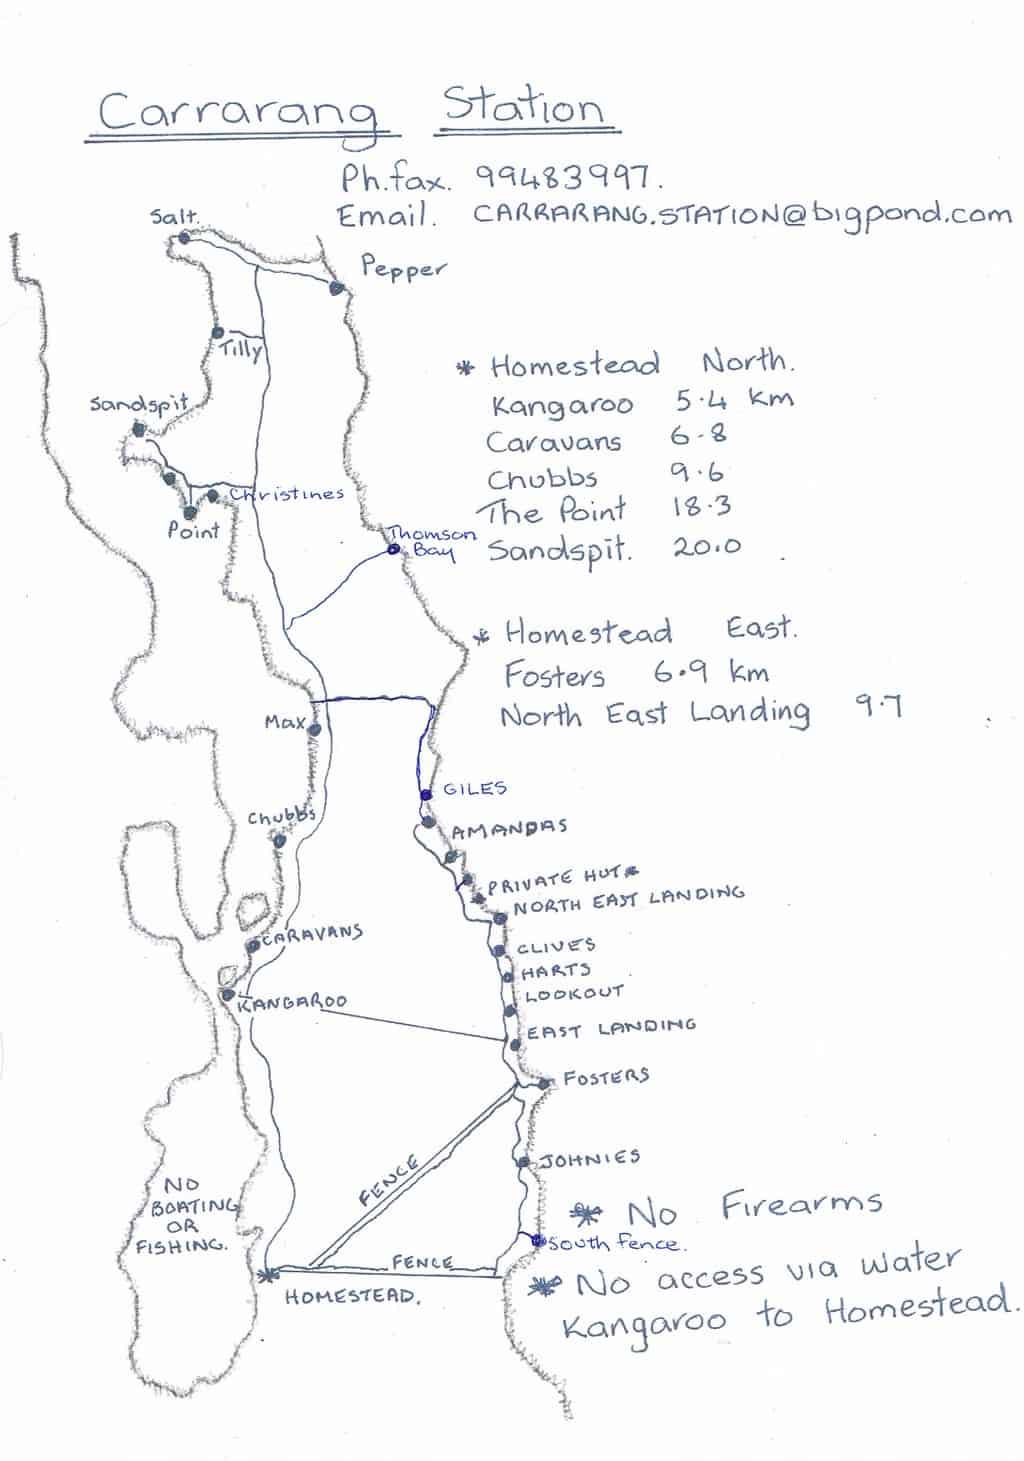 Carrarang station map